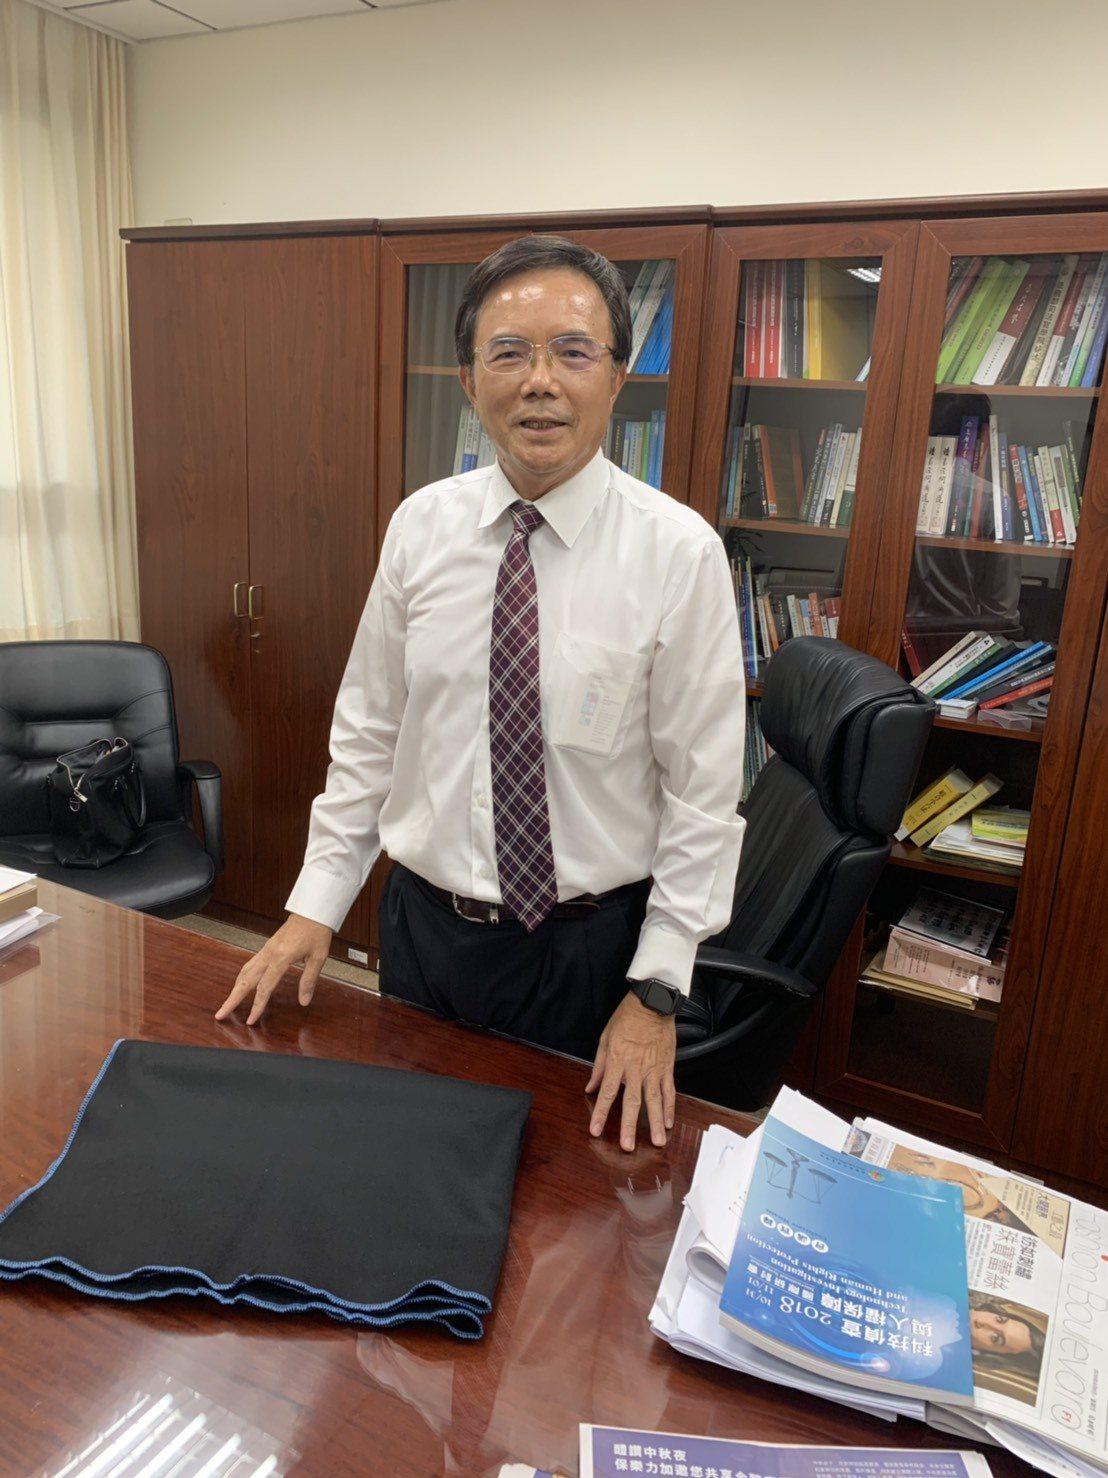 法務部政務次長蔡碧仲發言惹議,他今天下班前喊冤。記者王聖藜/攝影